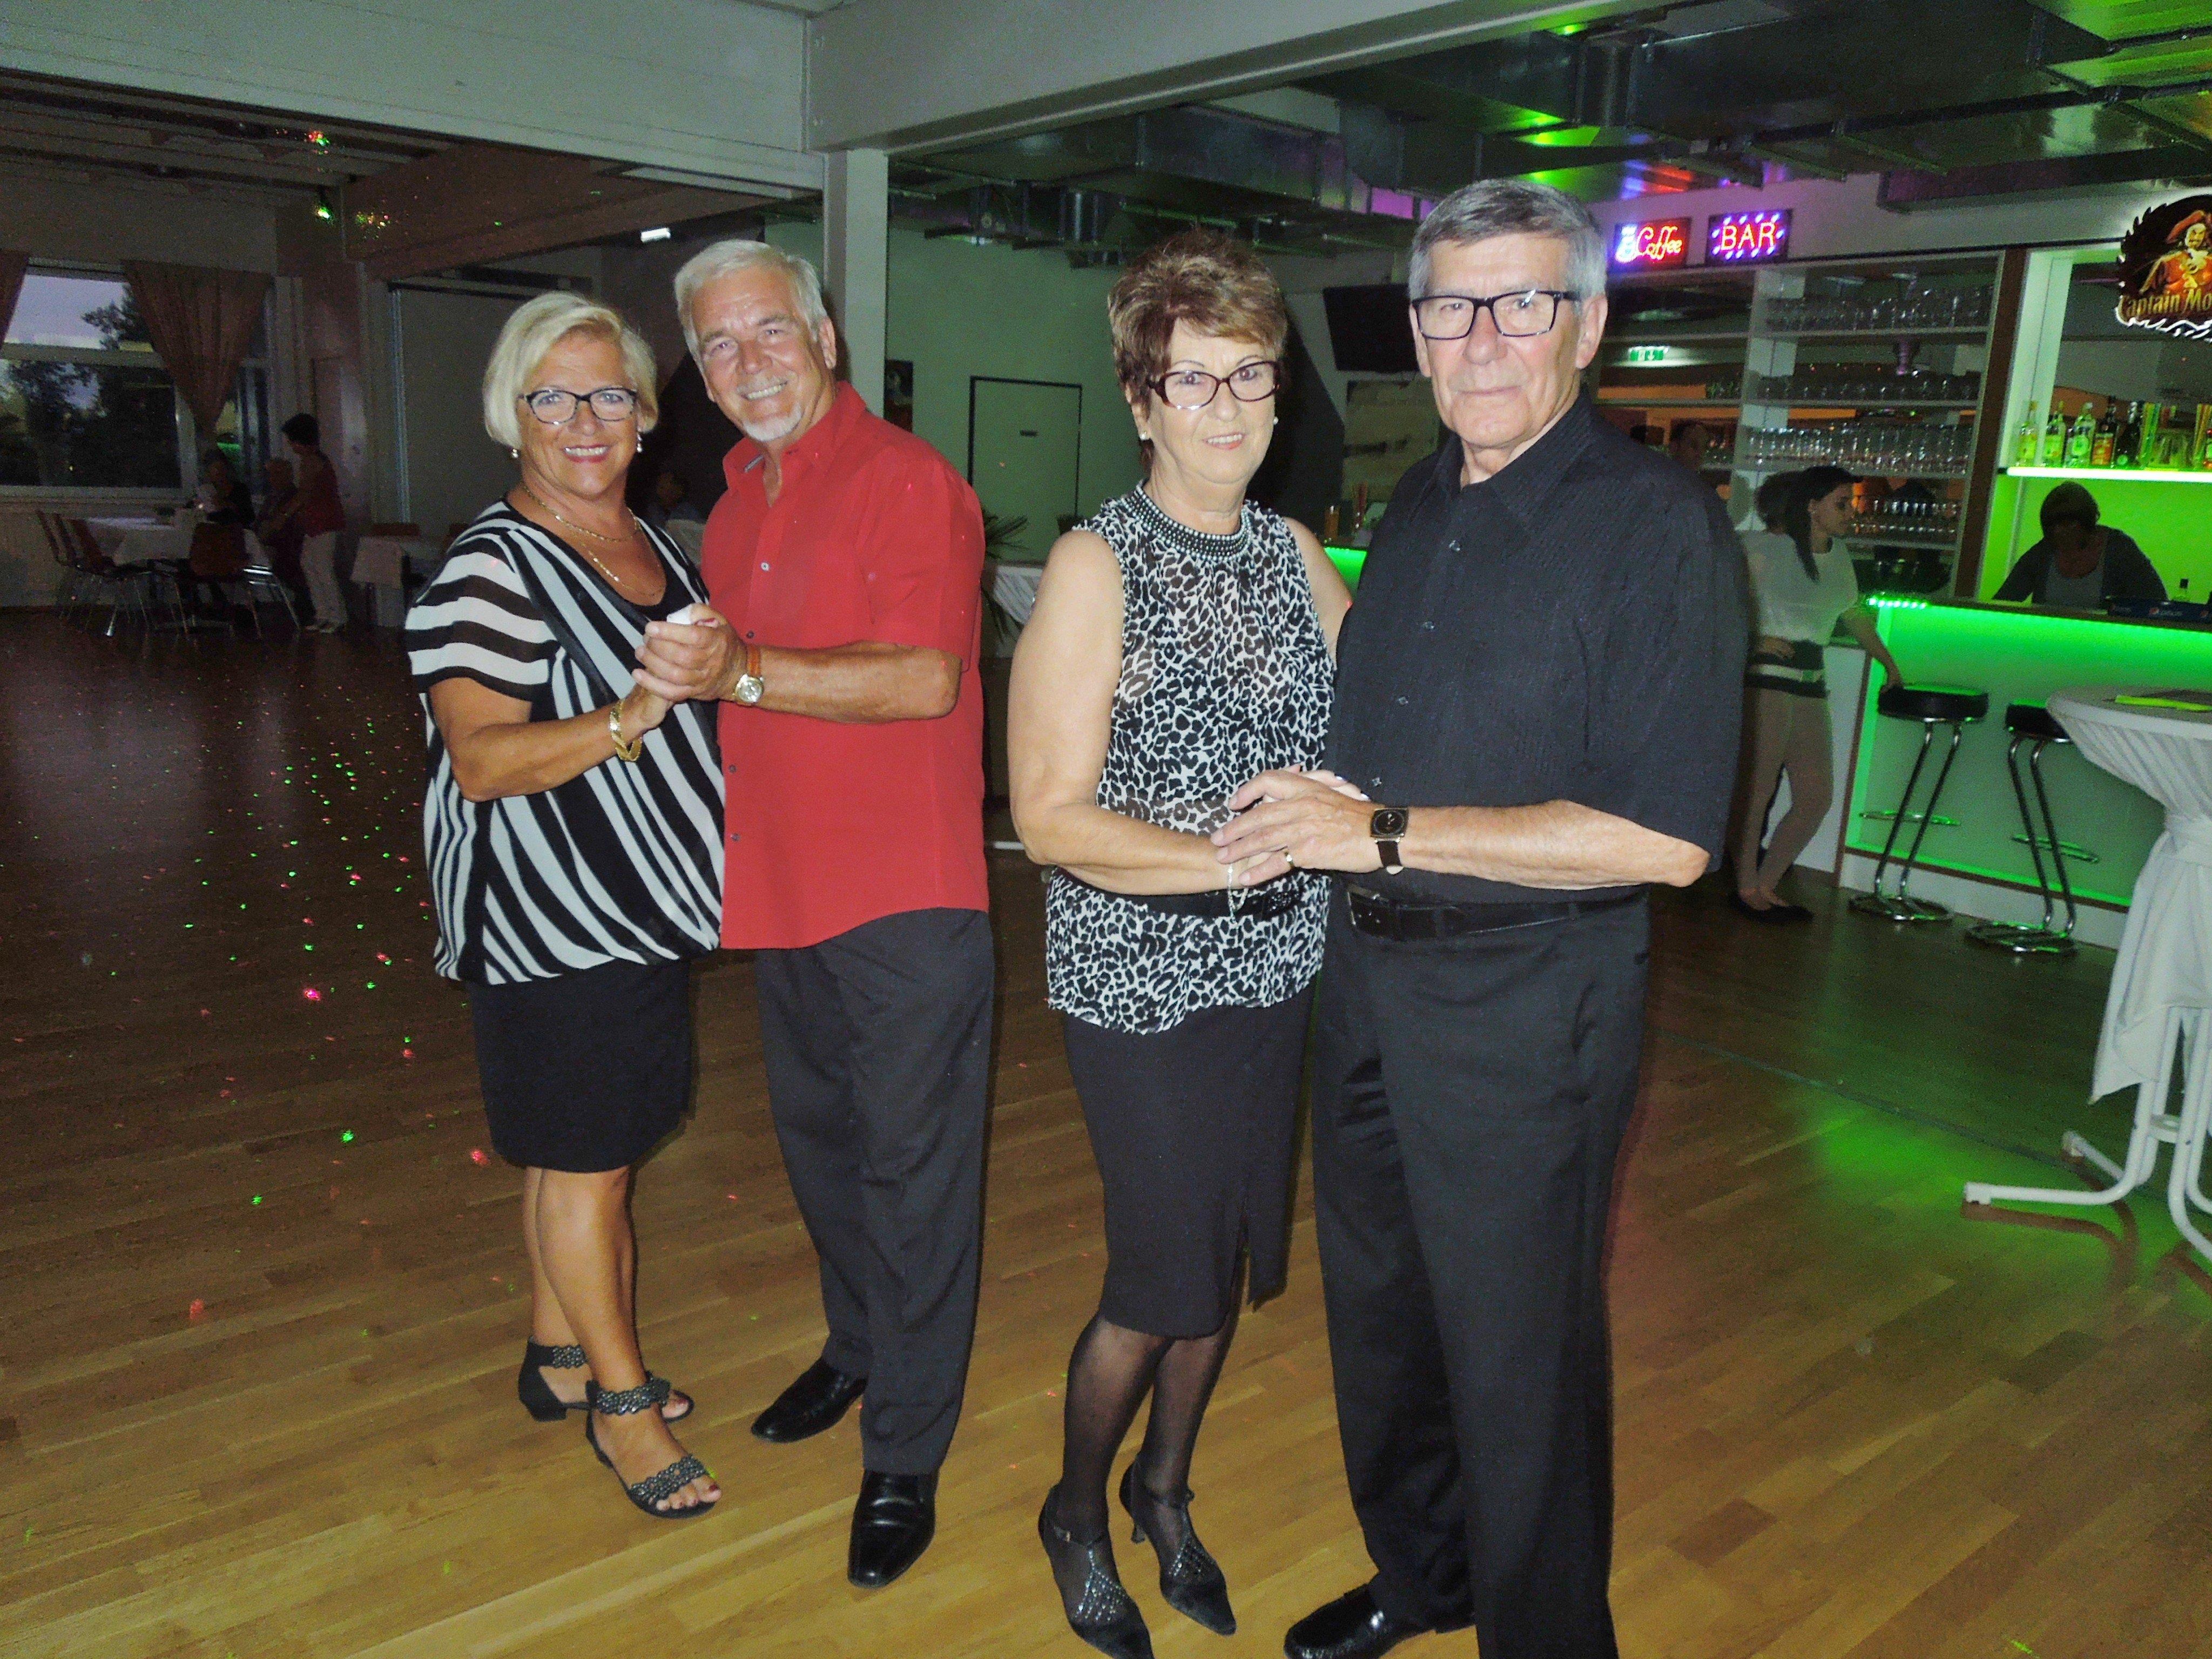 Künftig kann man in Hohenems jeden Samstag zu Live-Musik beim Tanz Treff das Tanzbein schwingen.